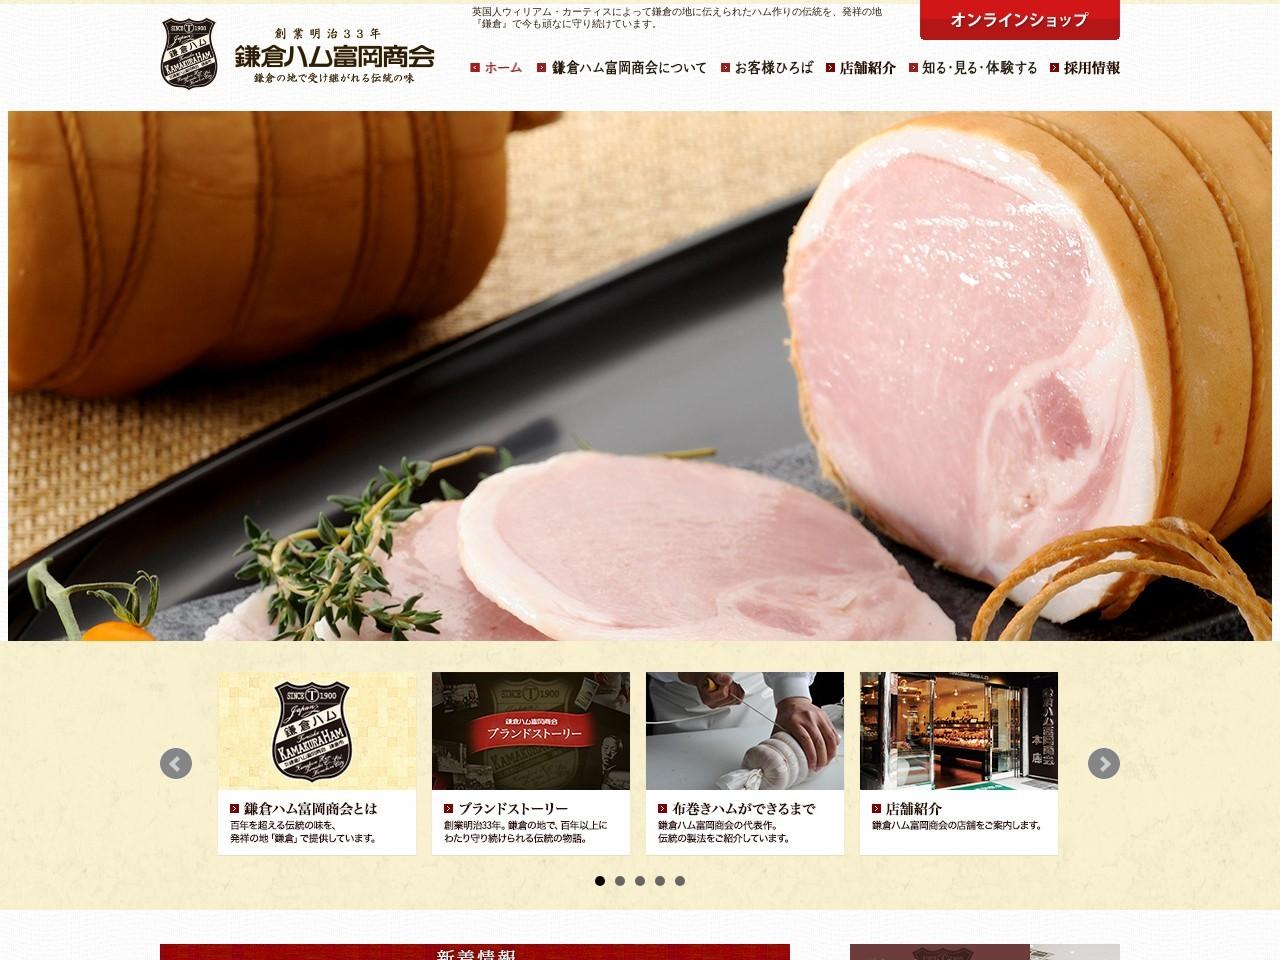 鎌倉ハム富岡商会 - 創業明治33年。鎌倉の地で受け継がれる伝統の味 -